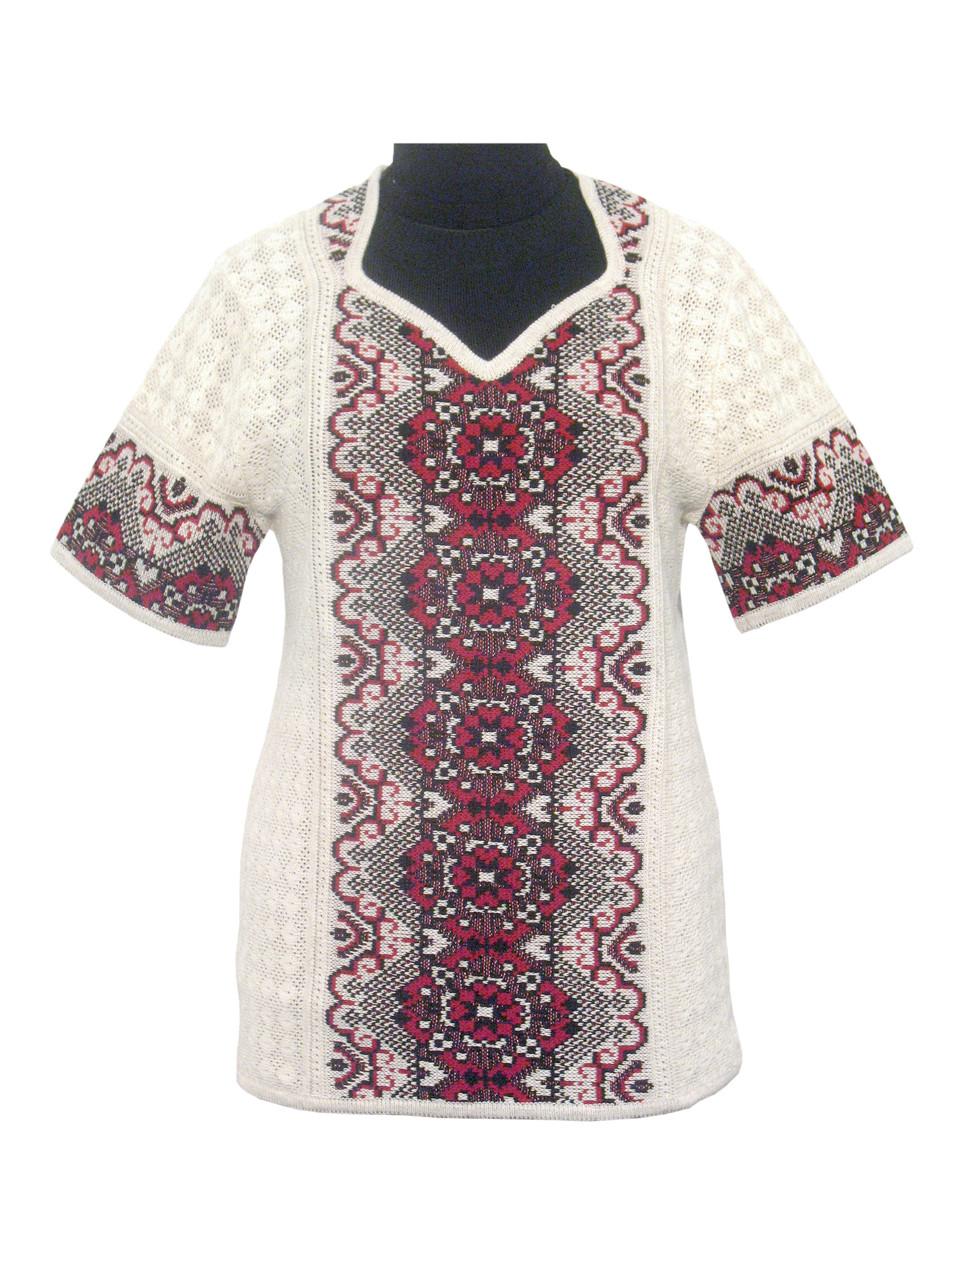 Женская рубашка вязаная 0351 (корткий рукав)